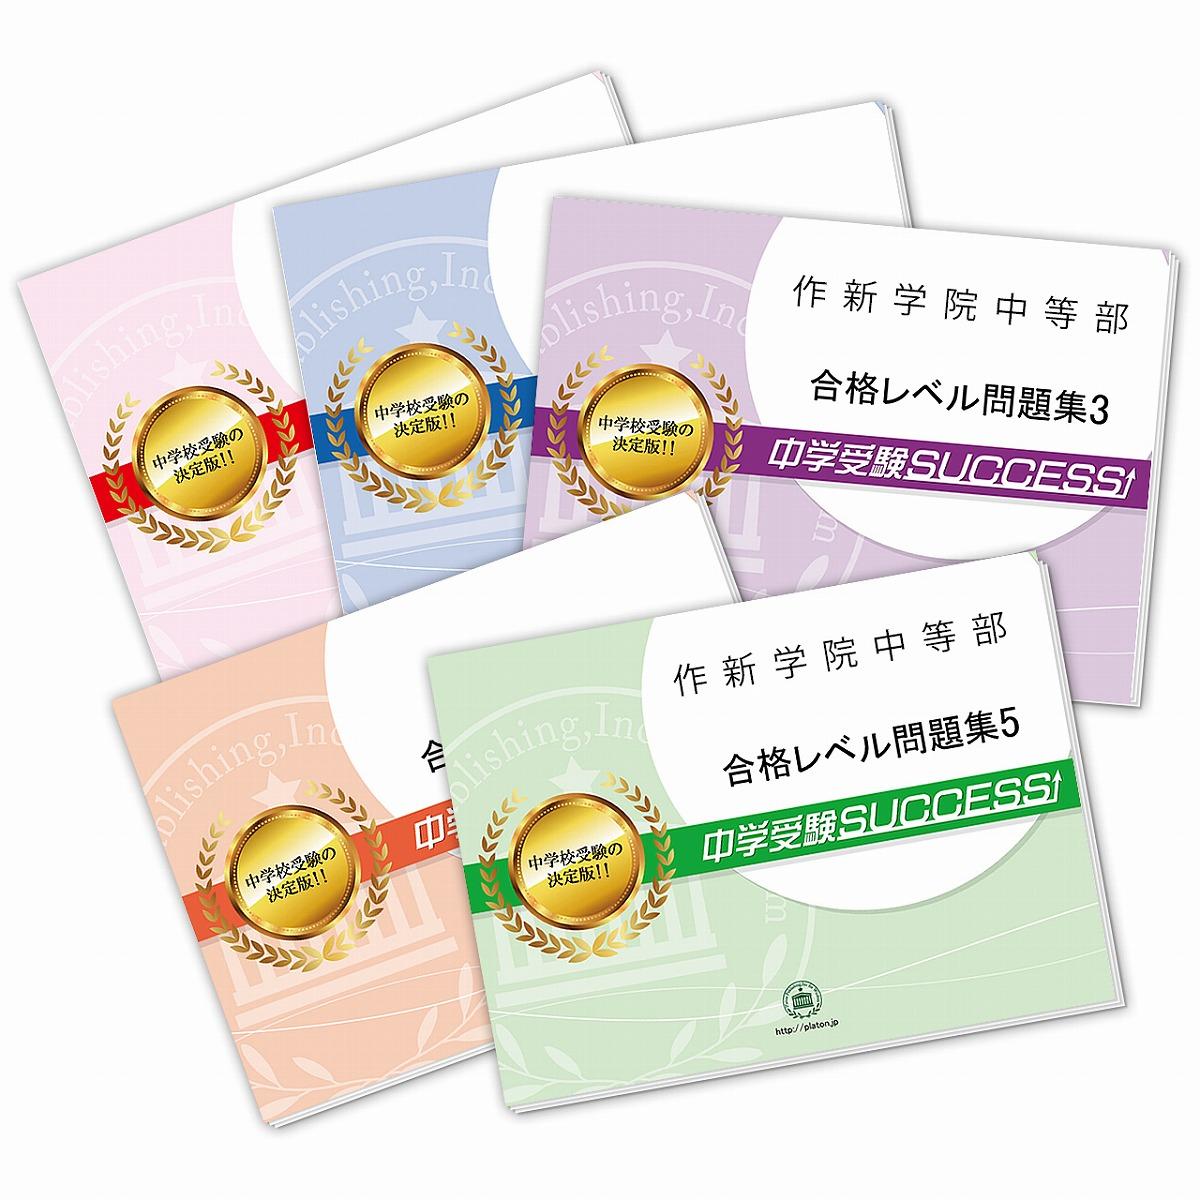 送料 代引手数料無料 作新学院中等部 新品 5冊 激安卸販売新品 直前対策合格セット